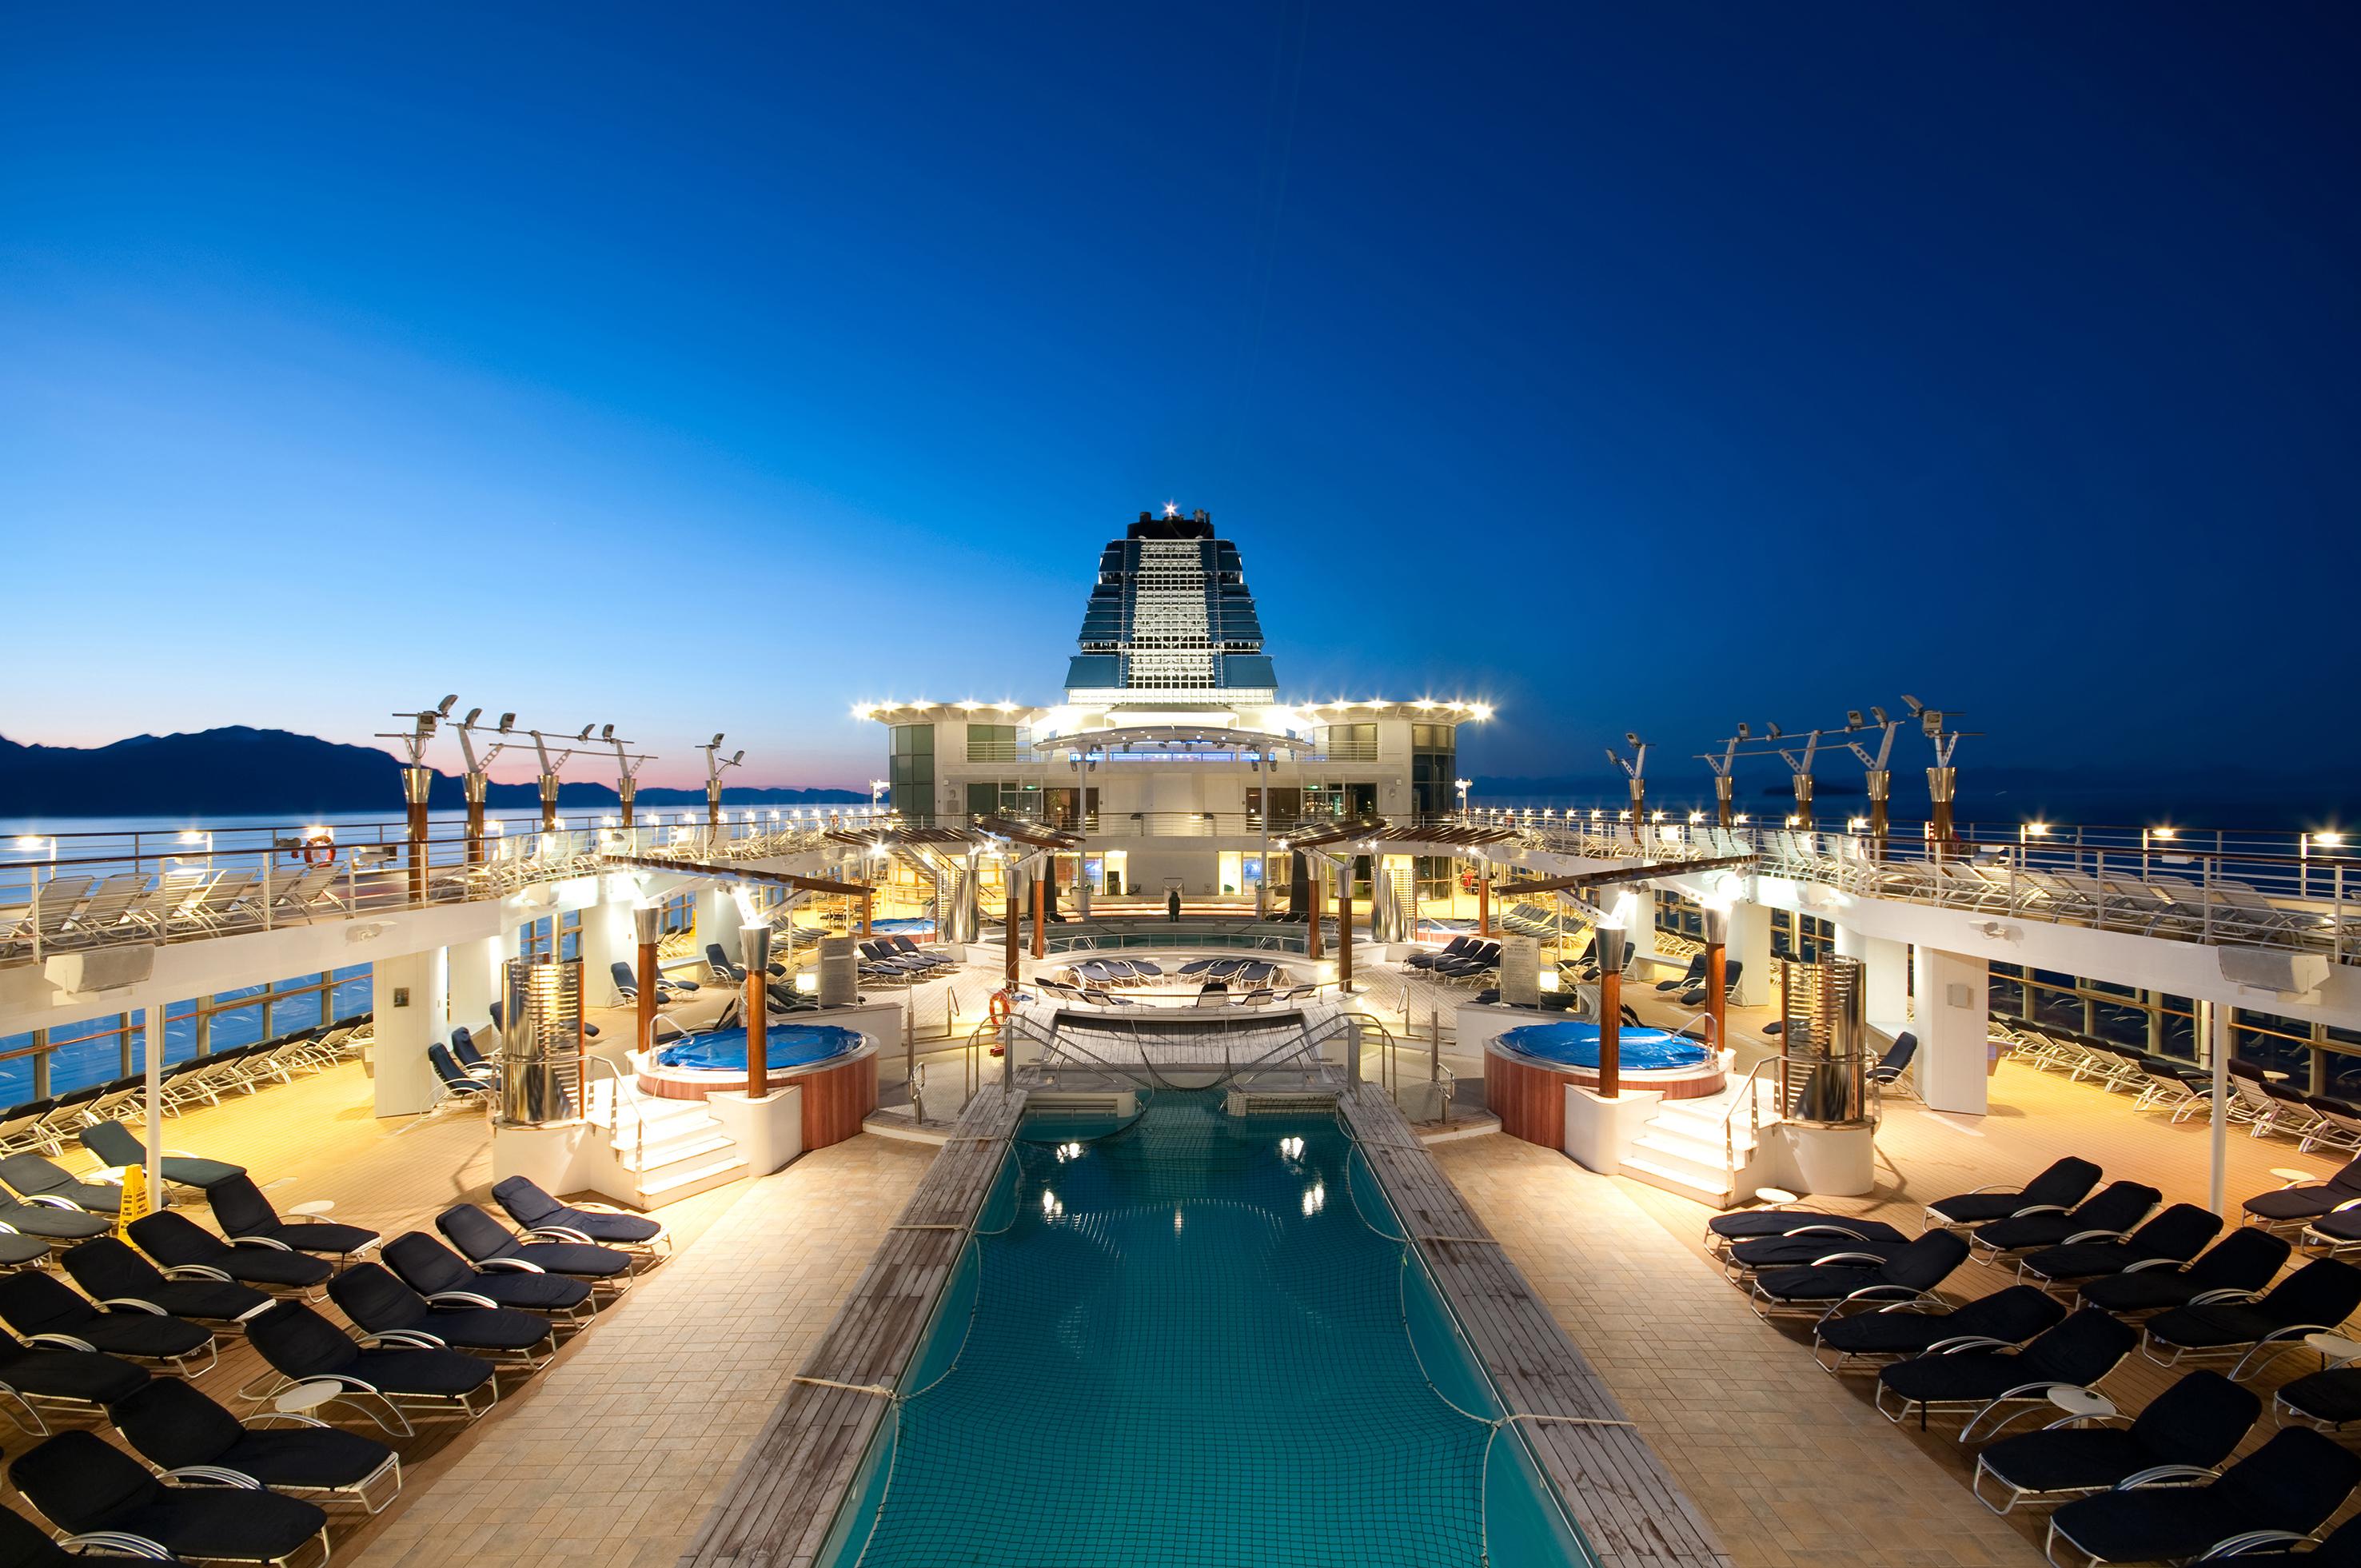 desire-venice-cruise-deck-2.jpg